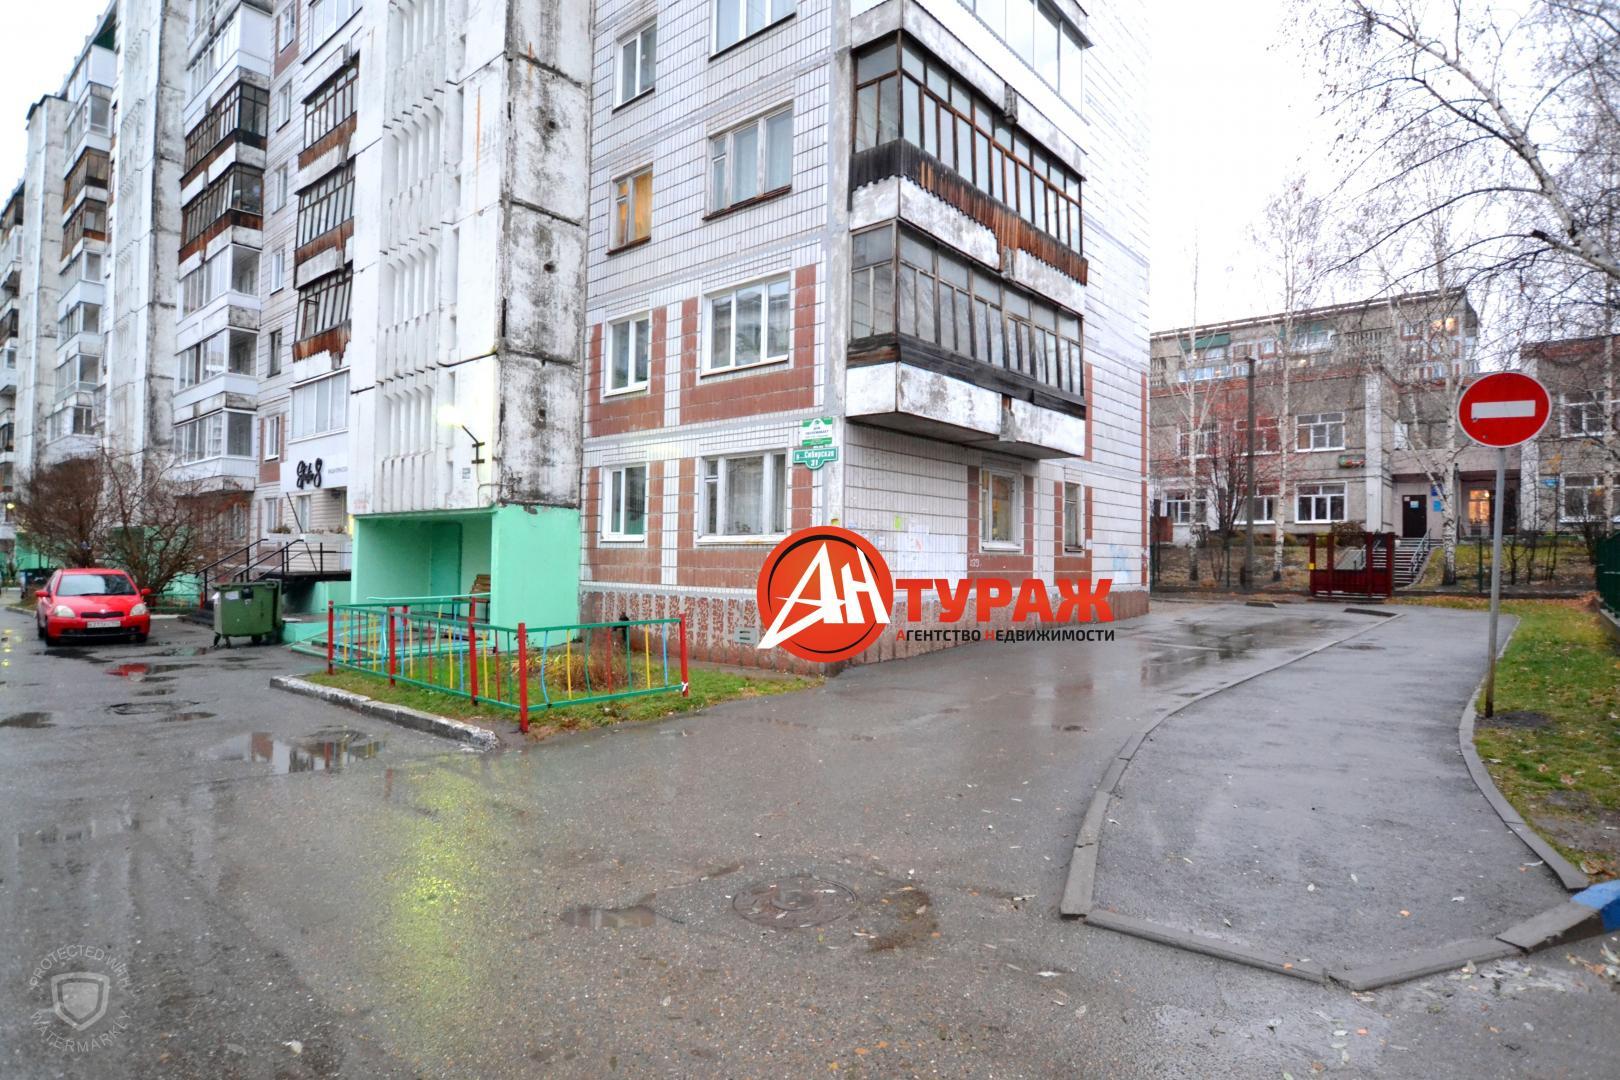 Квартира на продажу по адресу Россия, Томская область, городской округ Томск, Томск, Сибирская улица, 31